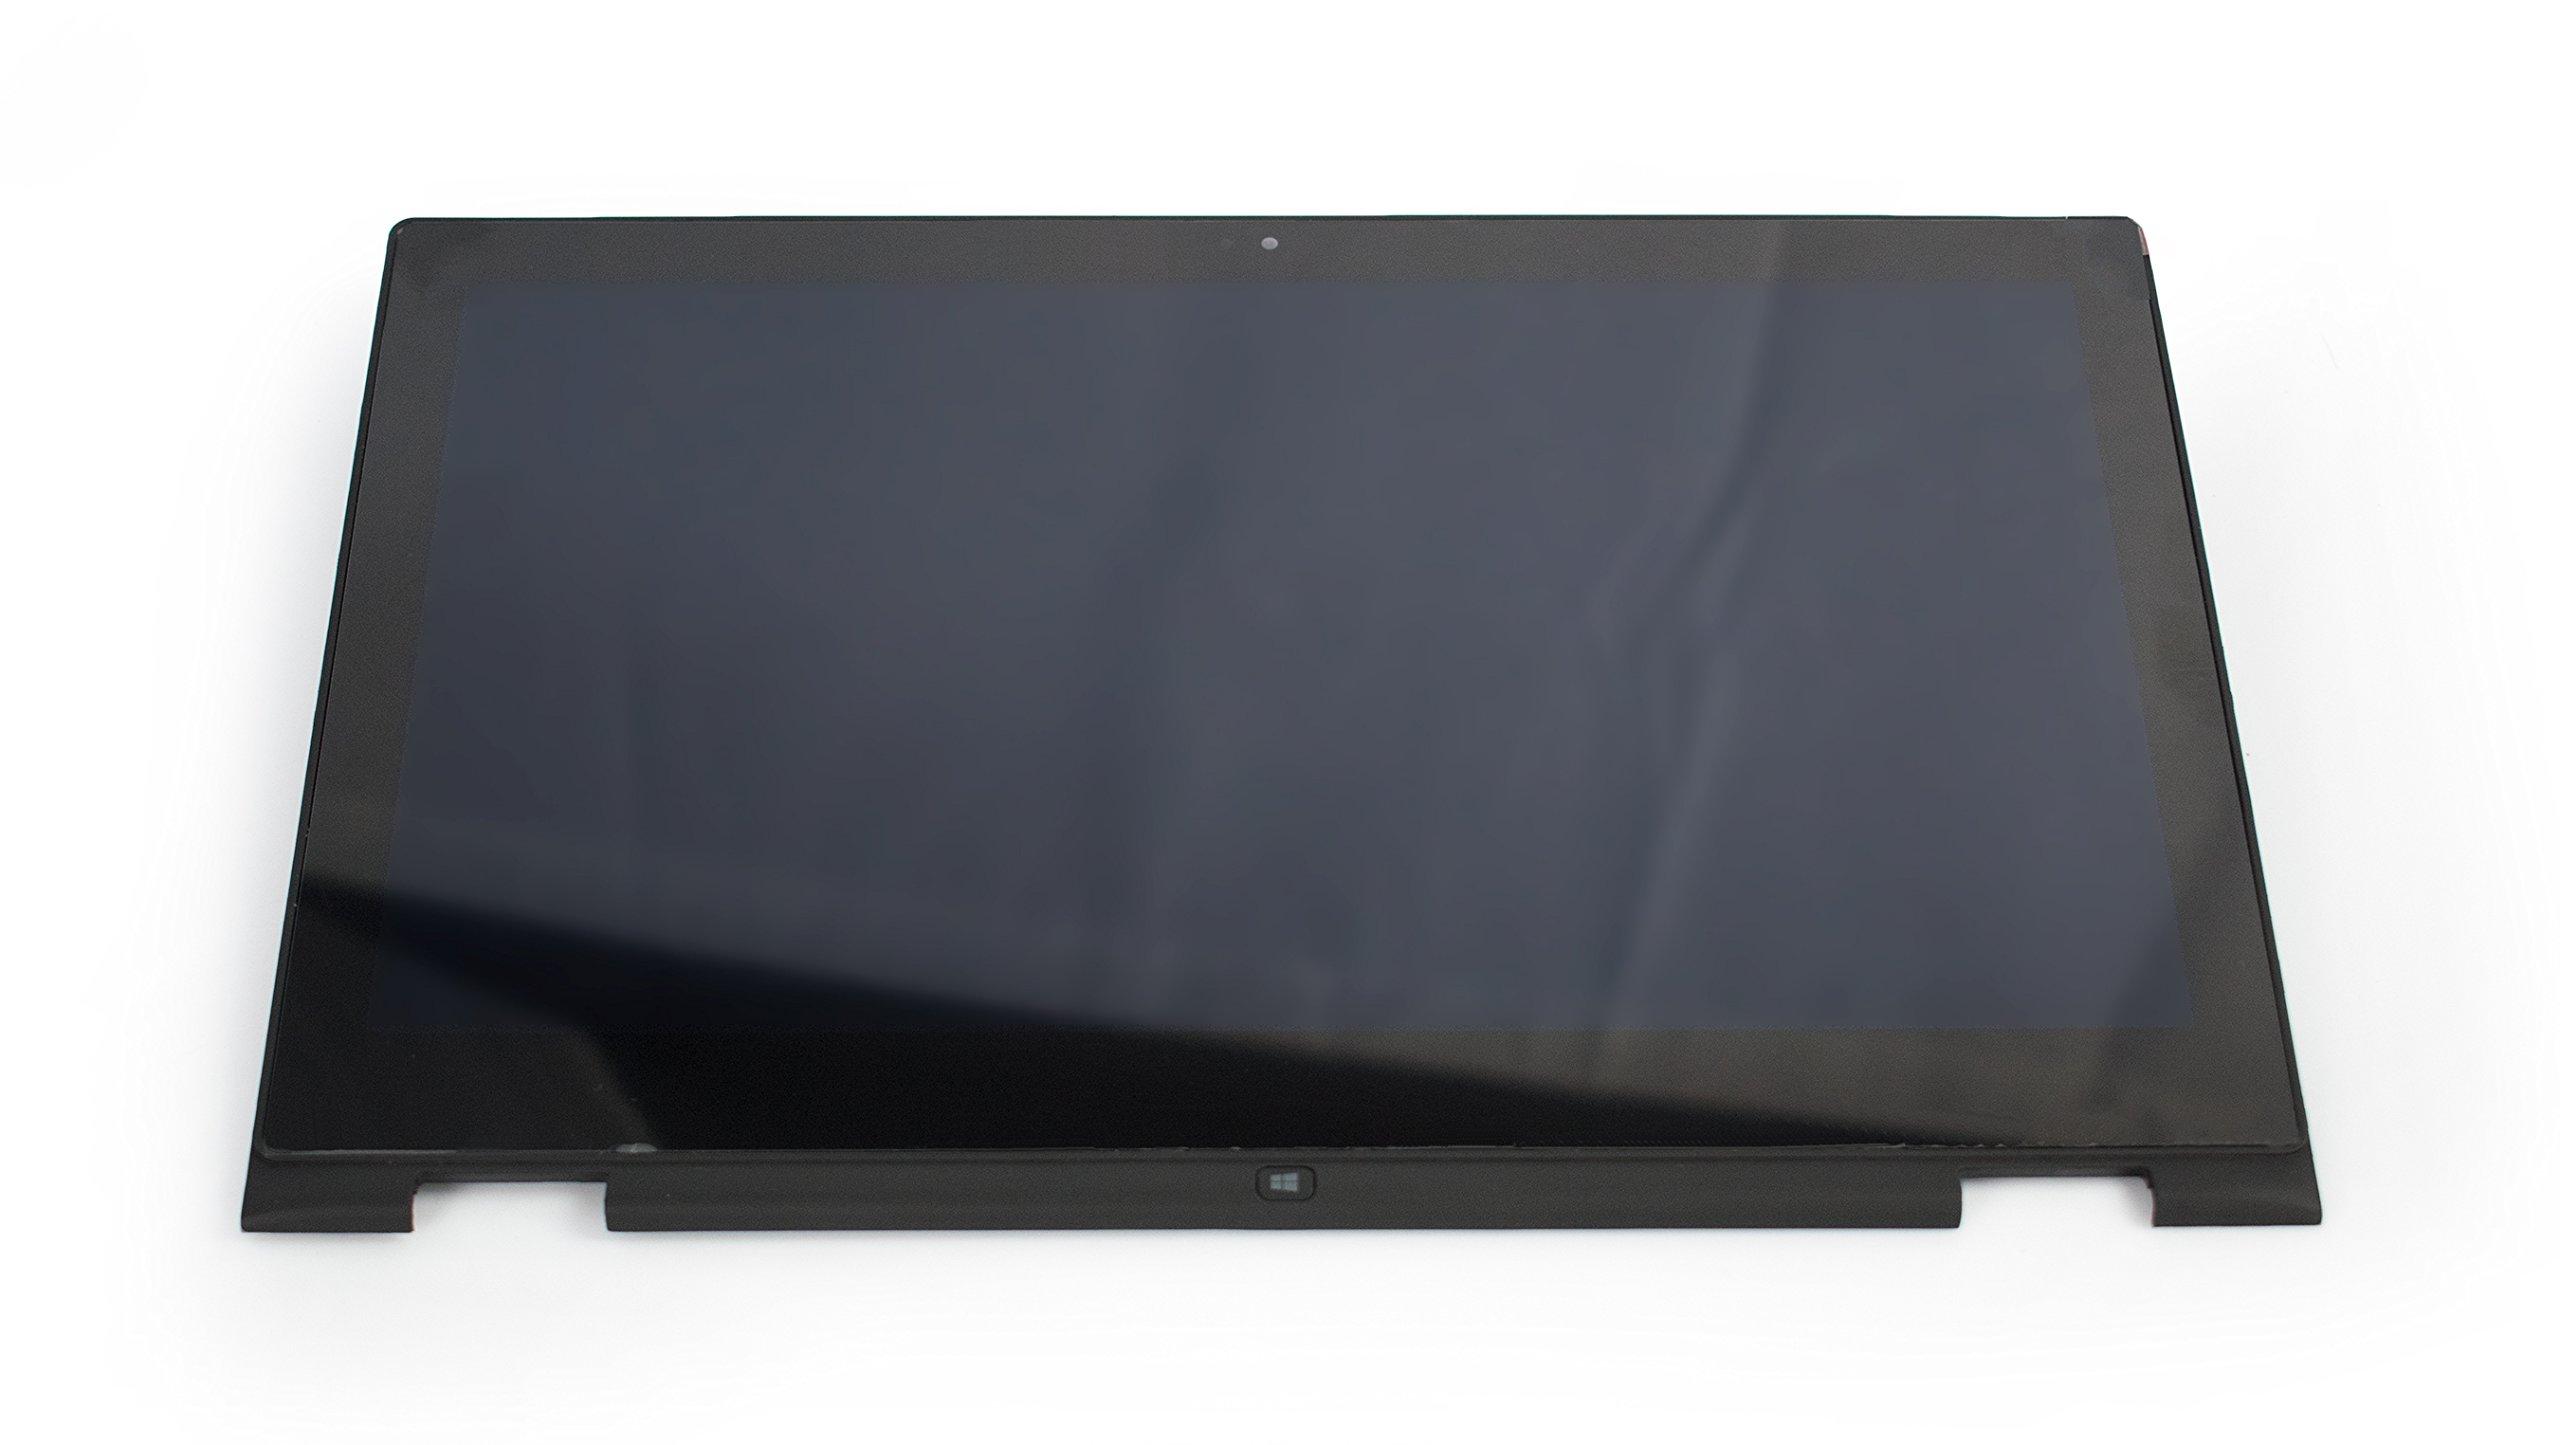 Dell Inspiron 13 7347 13 7348 LCD Touch Screen + Glass Digitizer + Sharp Corner Bezel LTN133HL03-201 FHD